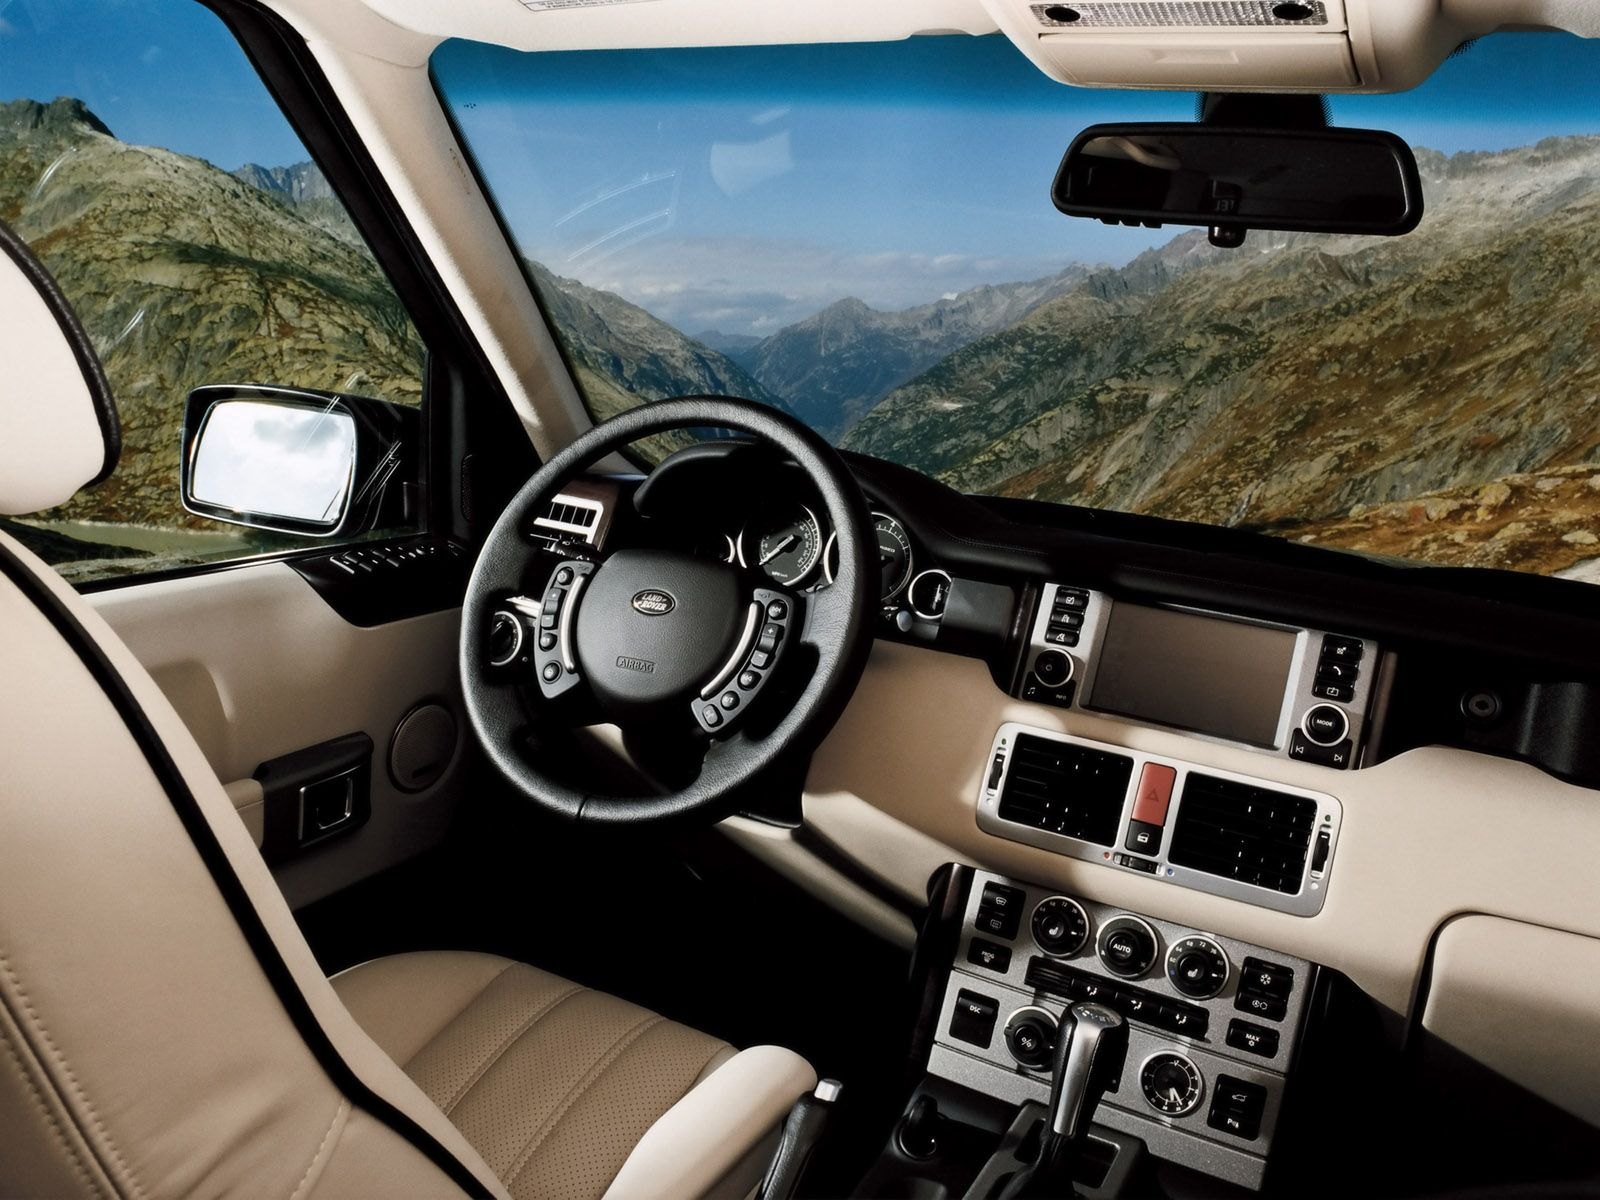 The Interior Of A 2006 Land Rover Range Rover Range Rover Interior Range Rover Parts Land Rover